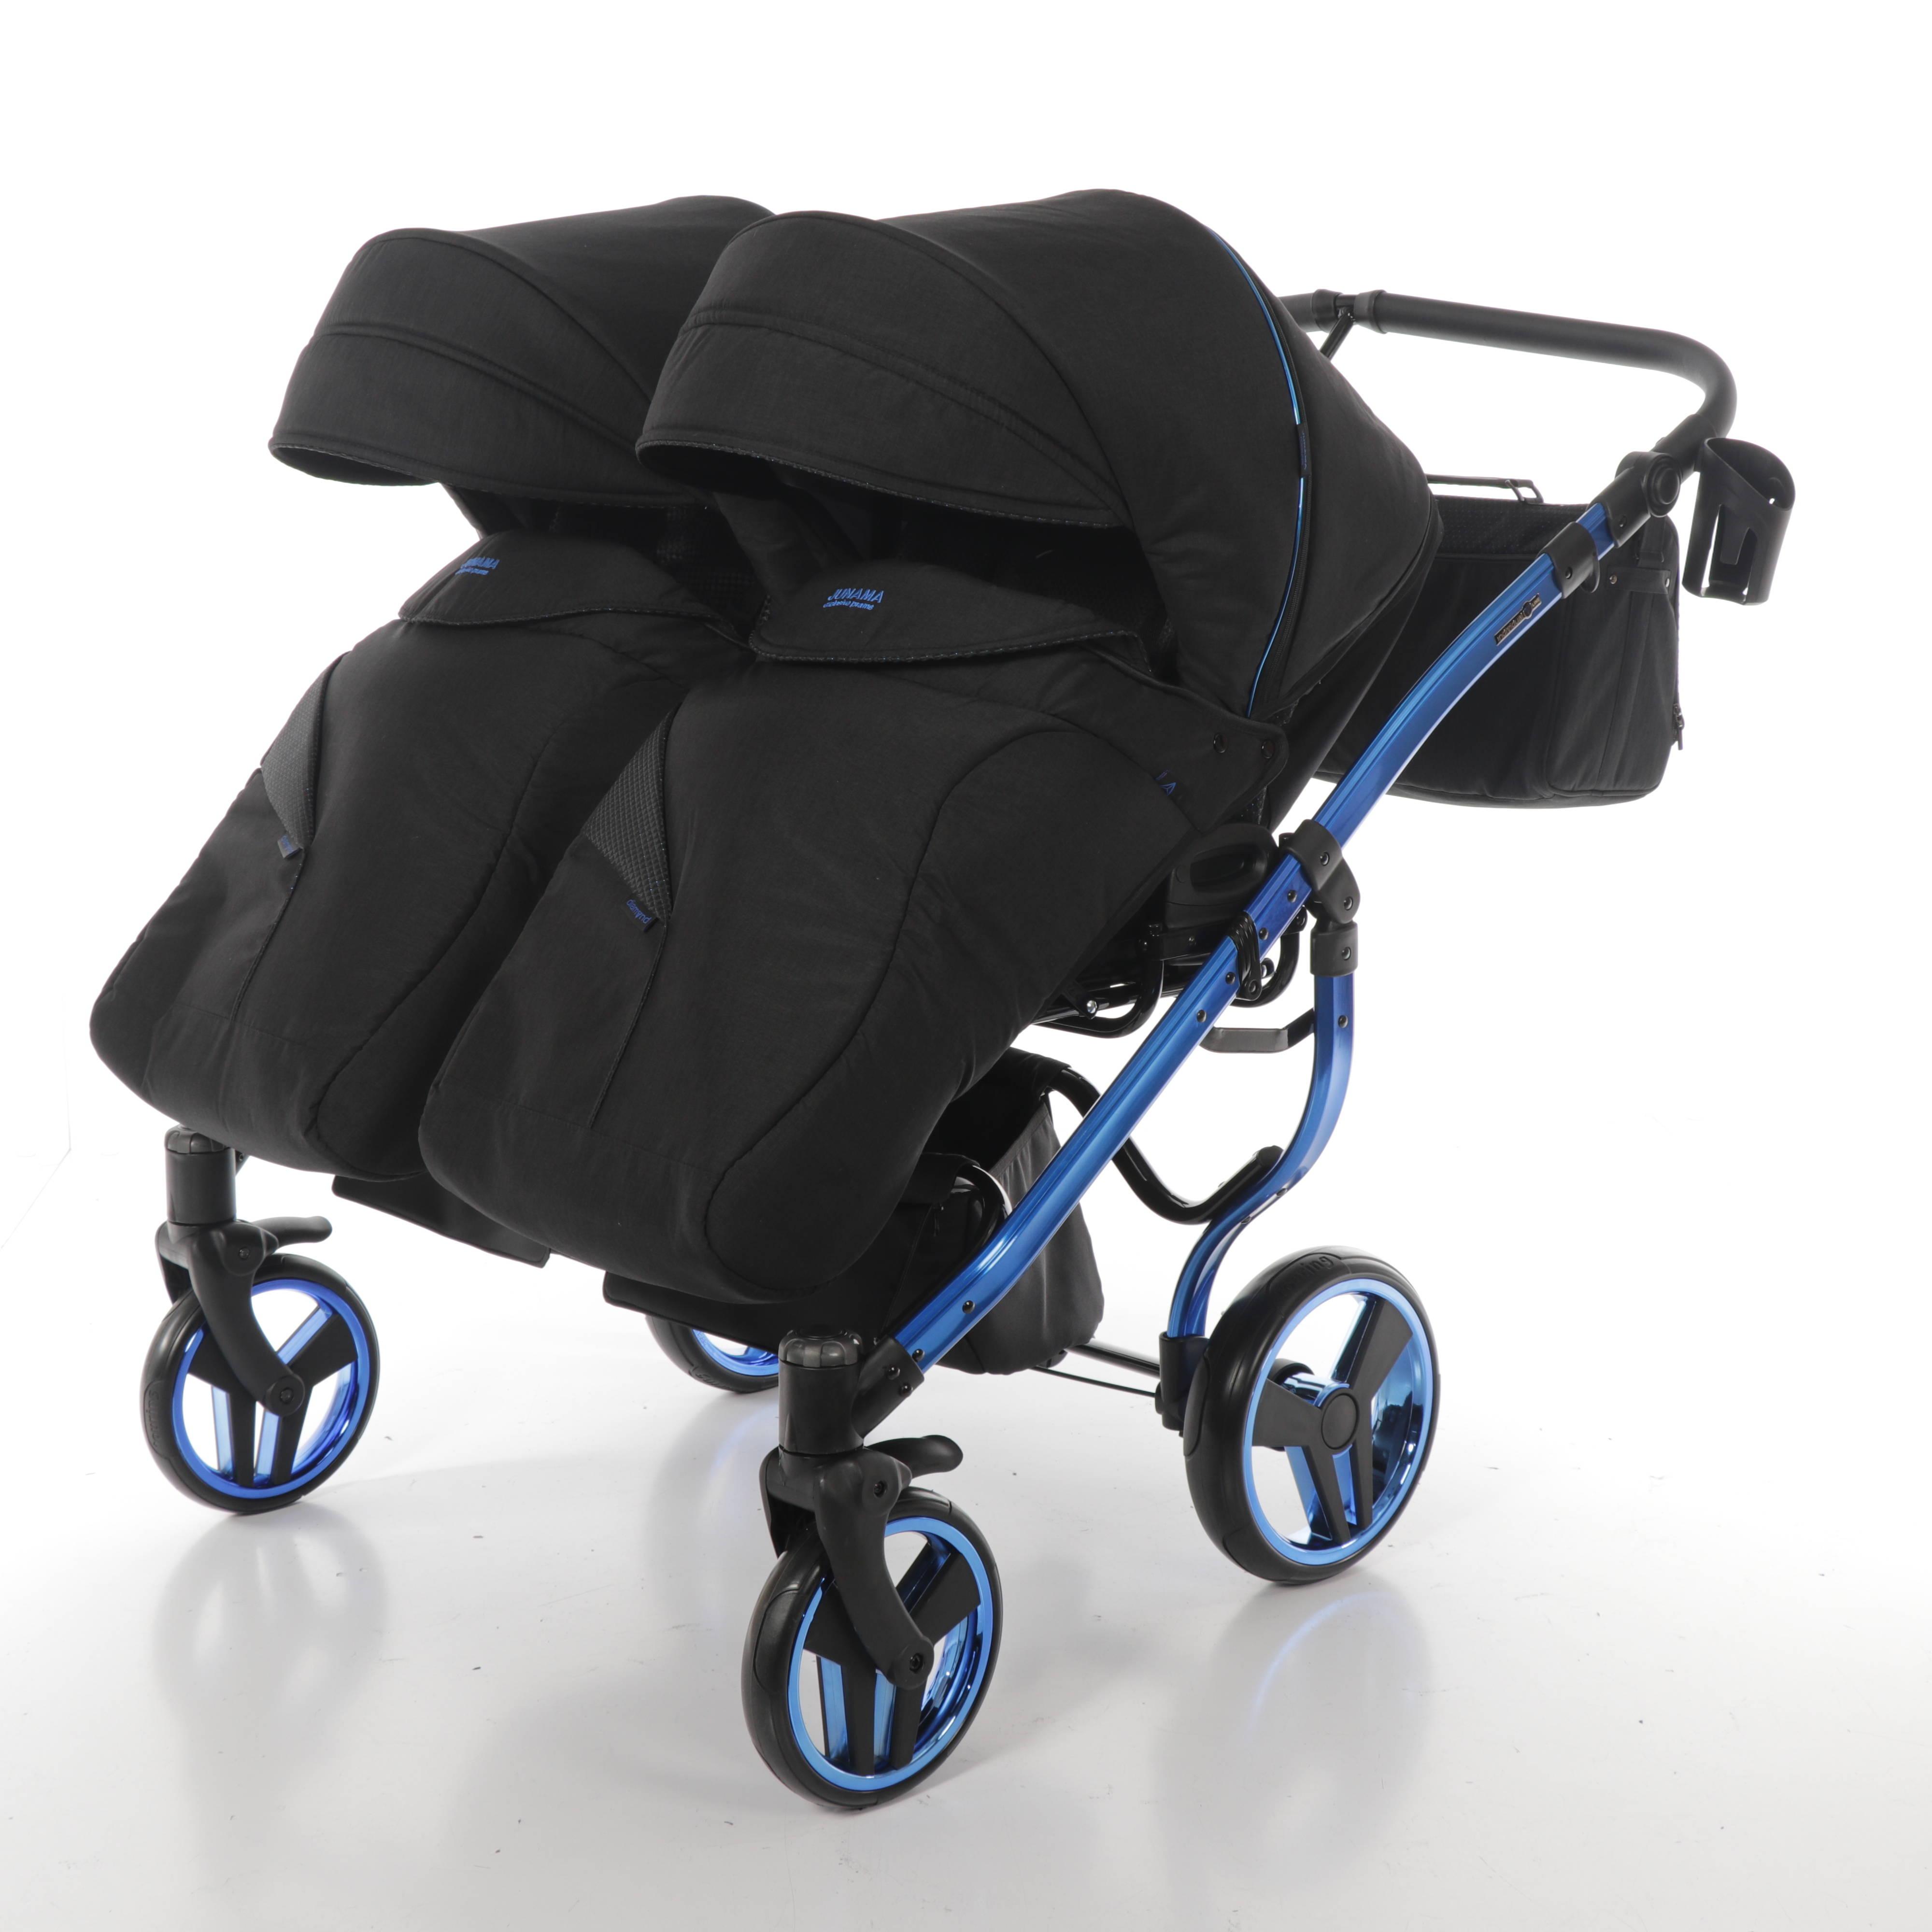 wózek wielofunkcyjny bliźniaczy Junama Individual Duo Dadi Shop spacerówka